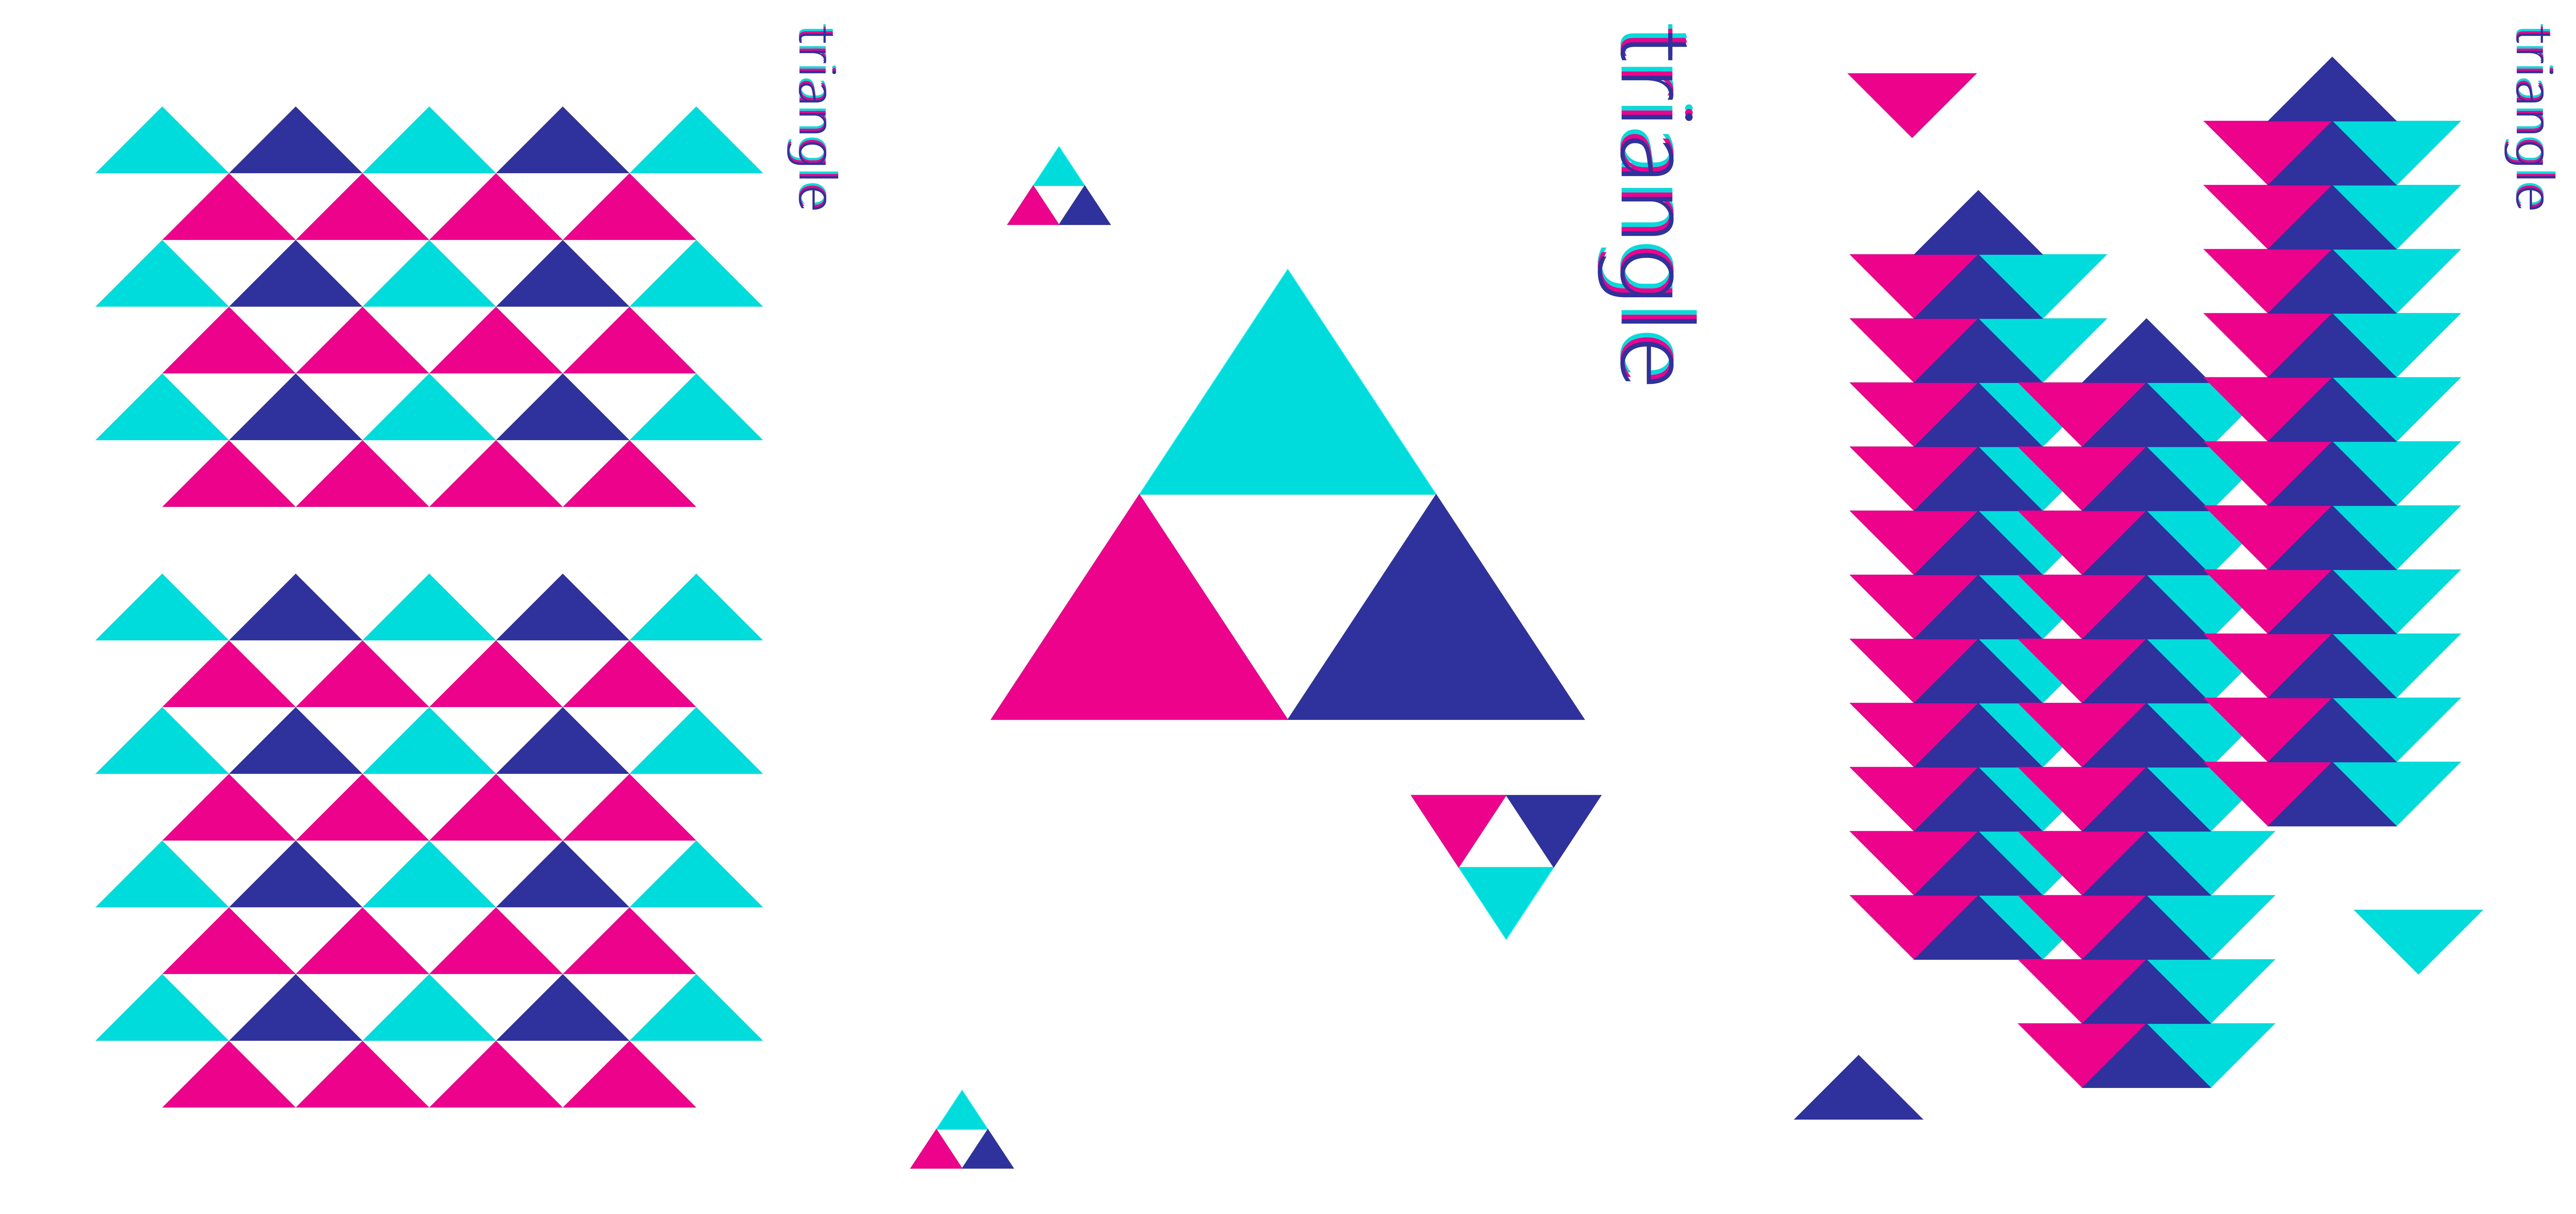 三角之美|平面|海报|刘淦新 - 原创作品 - 站酷图片